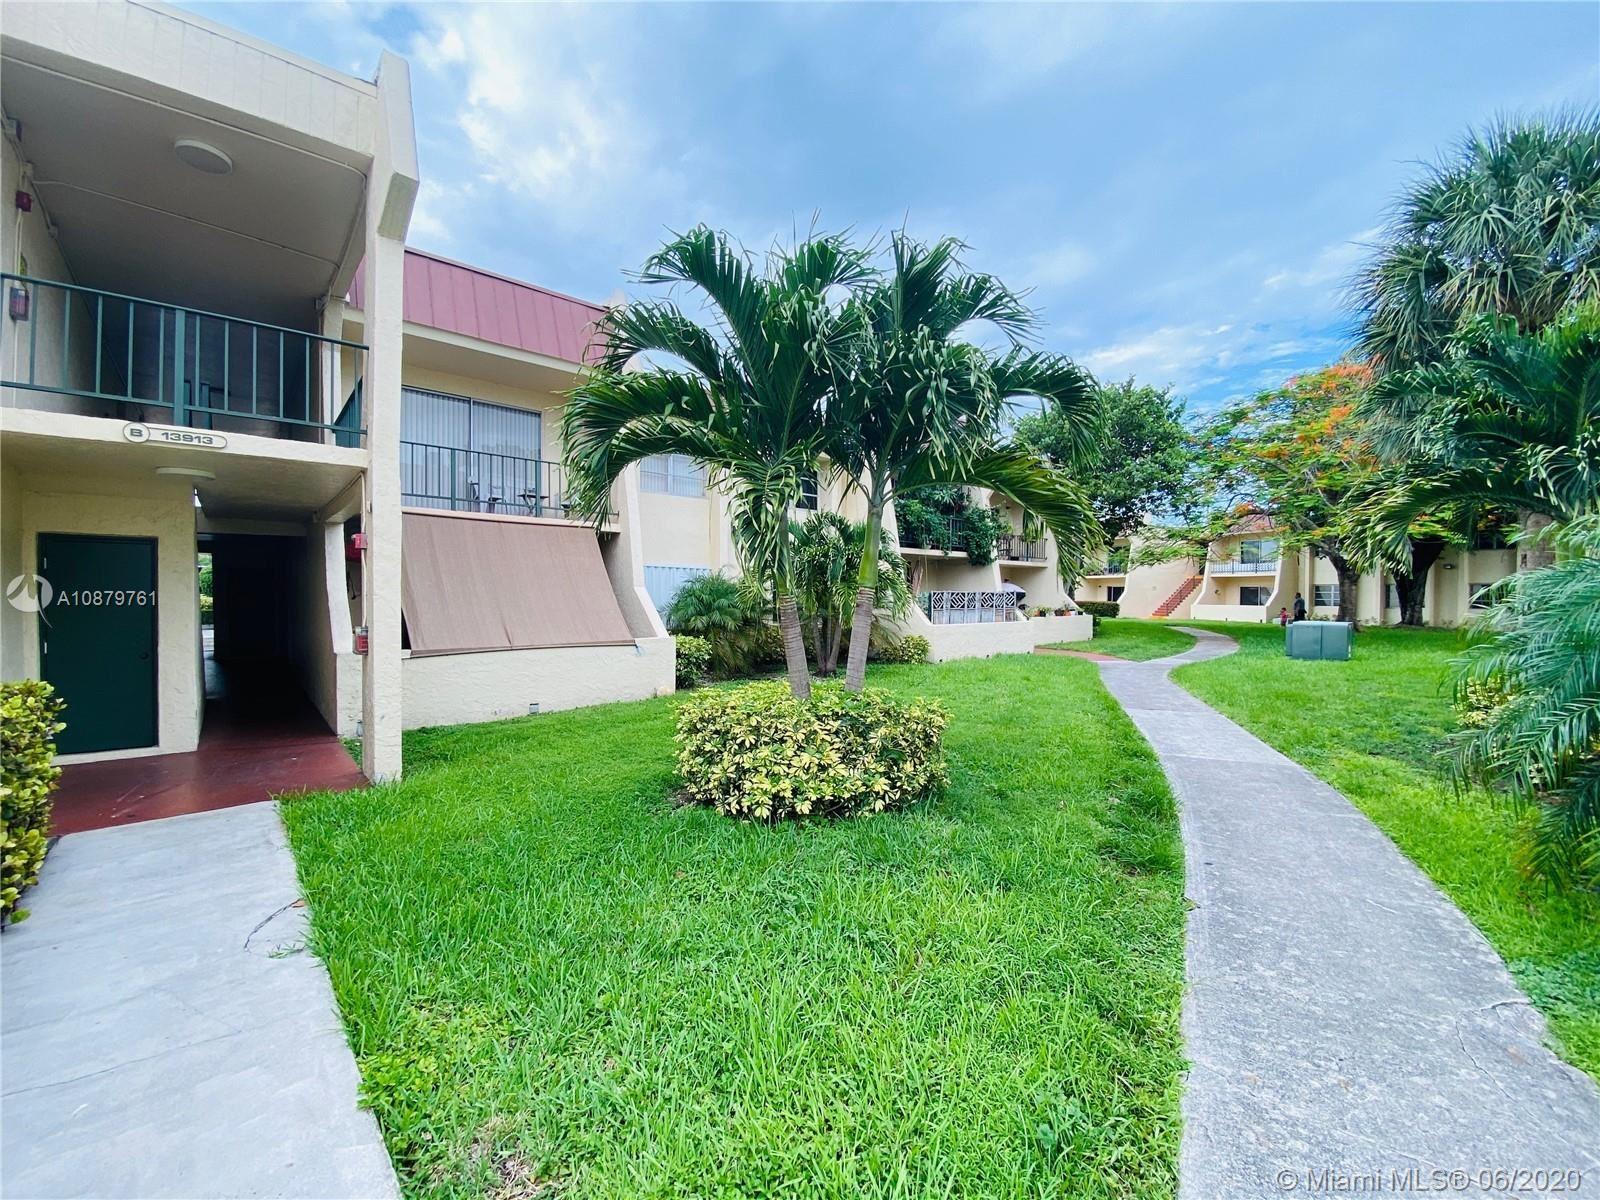 13913 SW 90th Ave #106B, Miami, FL 33176 - #: A10879761